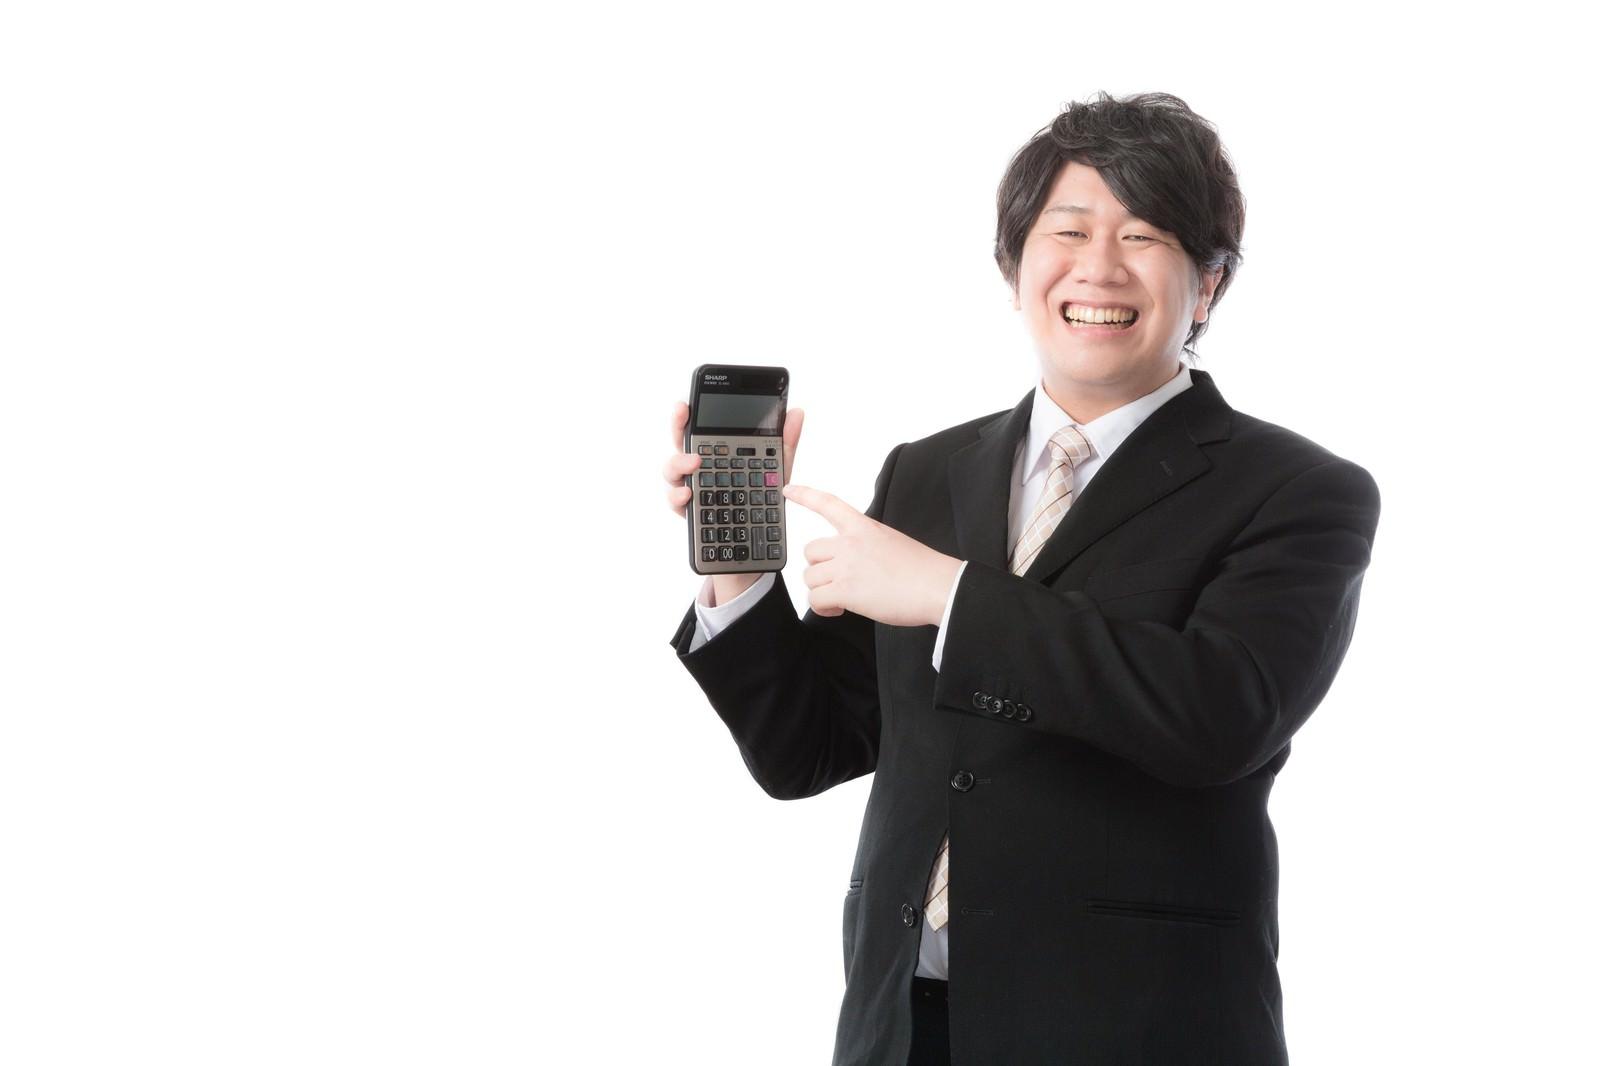 「「願いましては〜」のかけ声とともに電卓を取り出す経理担当」の写真[モデル:あまのじゃく]